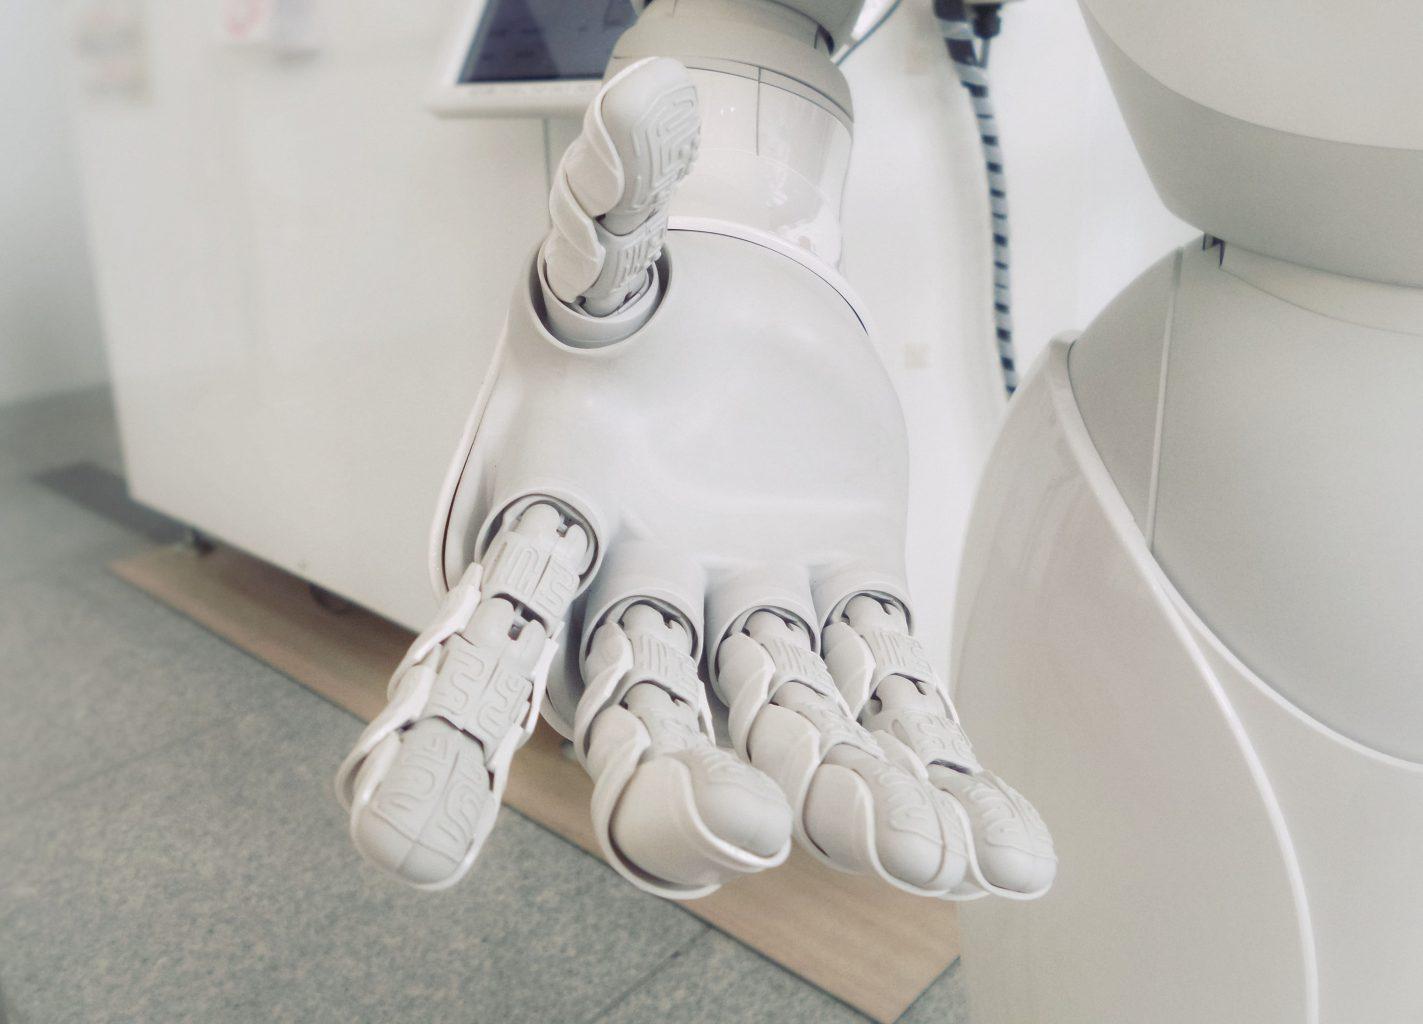 Nuevas tecnología necesitarán especializados en robótica